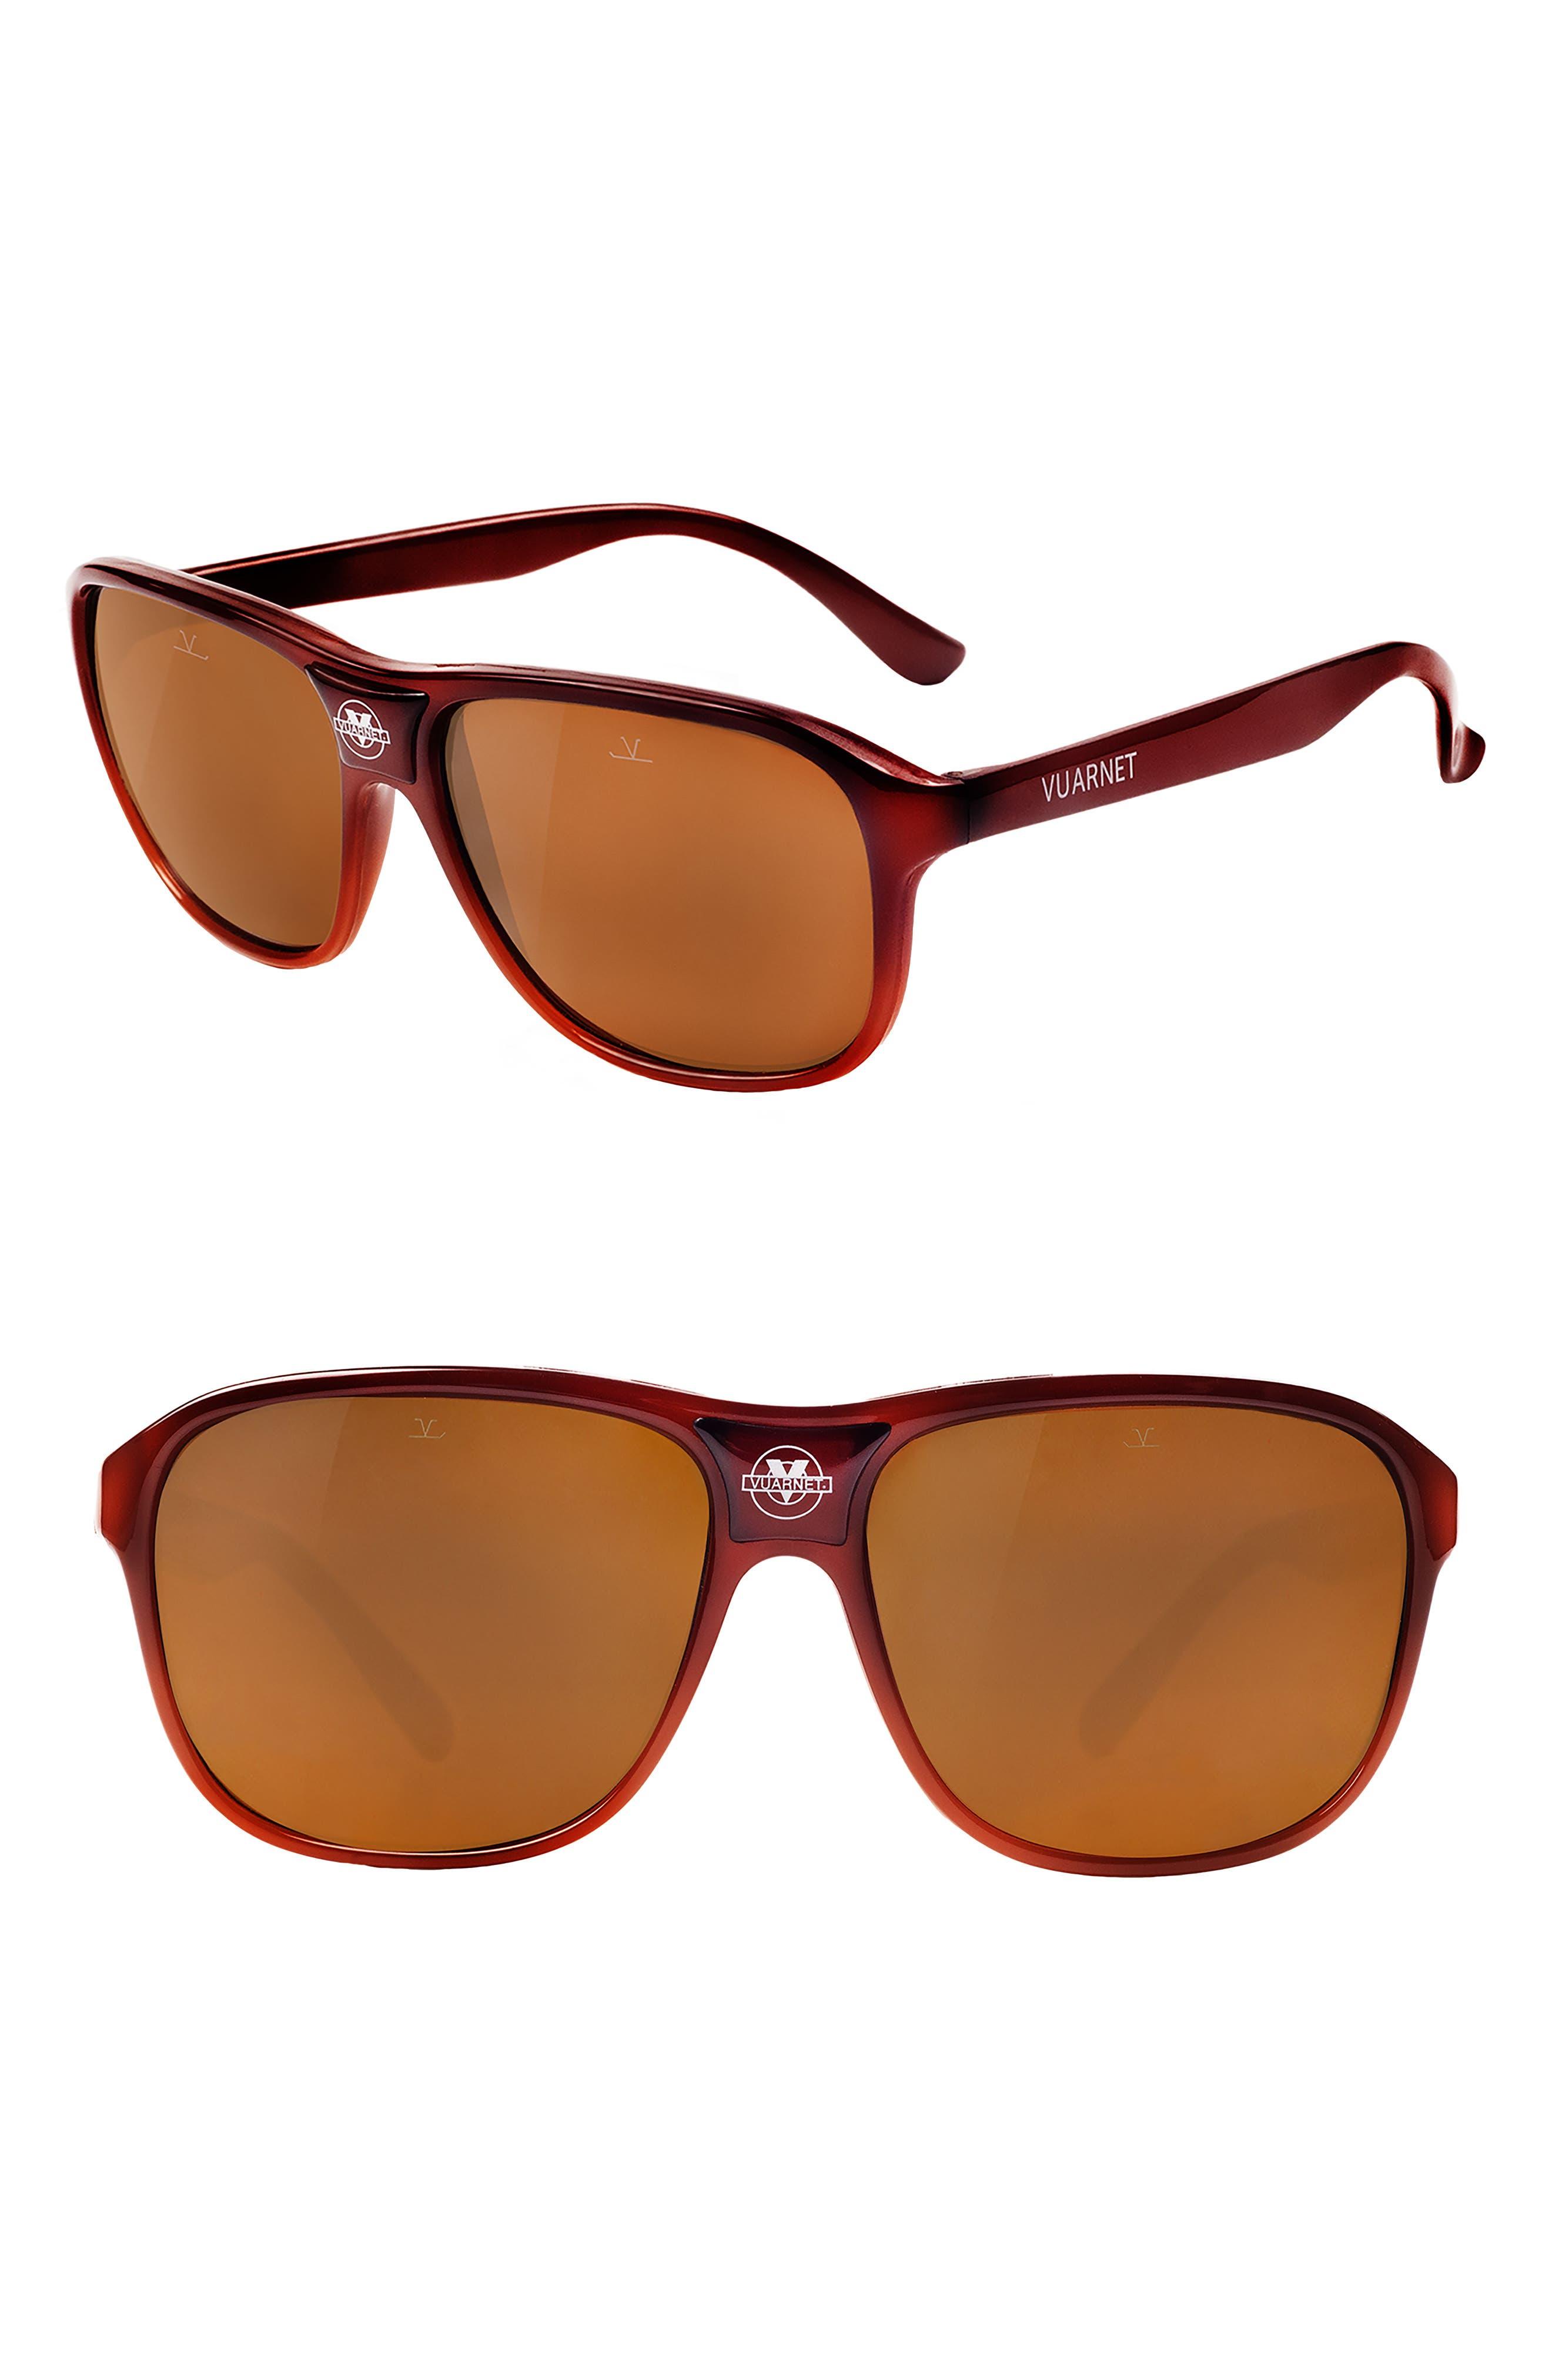 Legends 03 56mm Polarized Sunglasses,                             Main thumbnail 1, color,                             GRADIENT BROWN